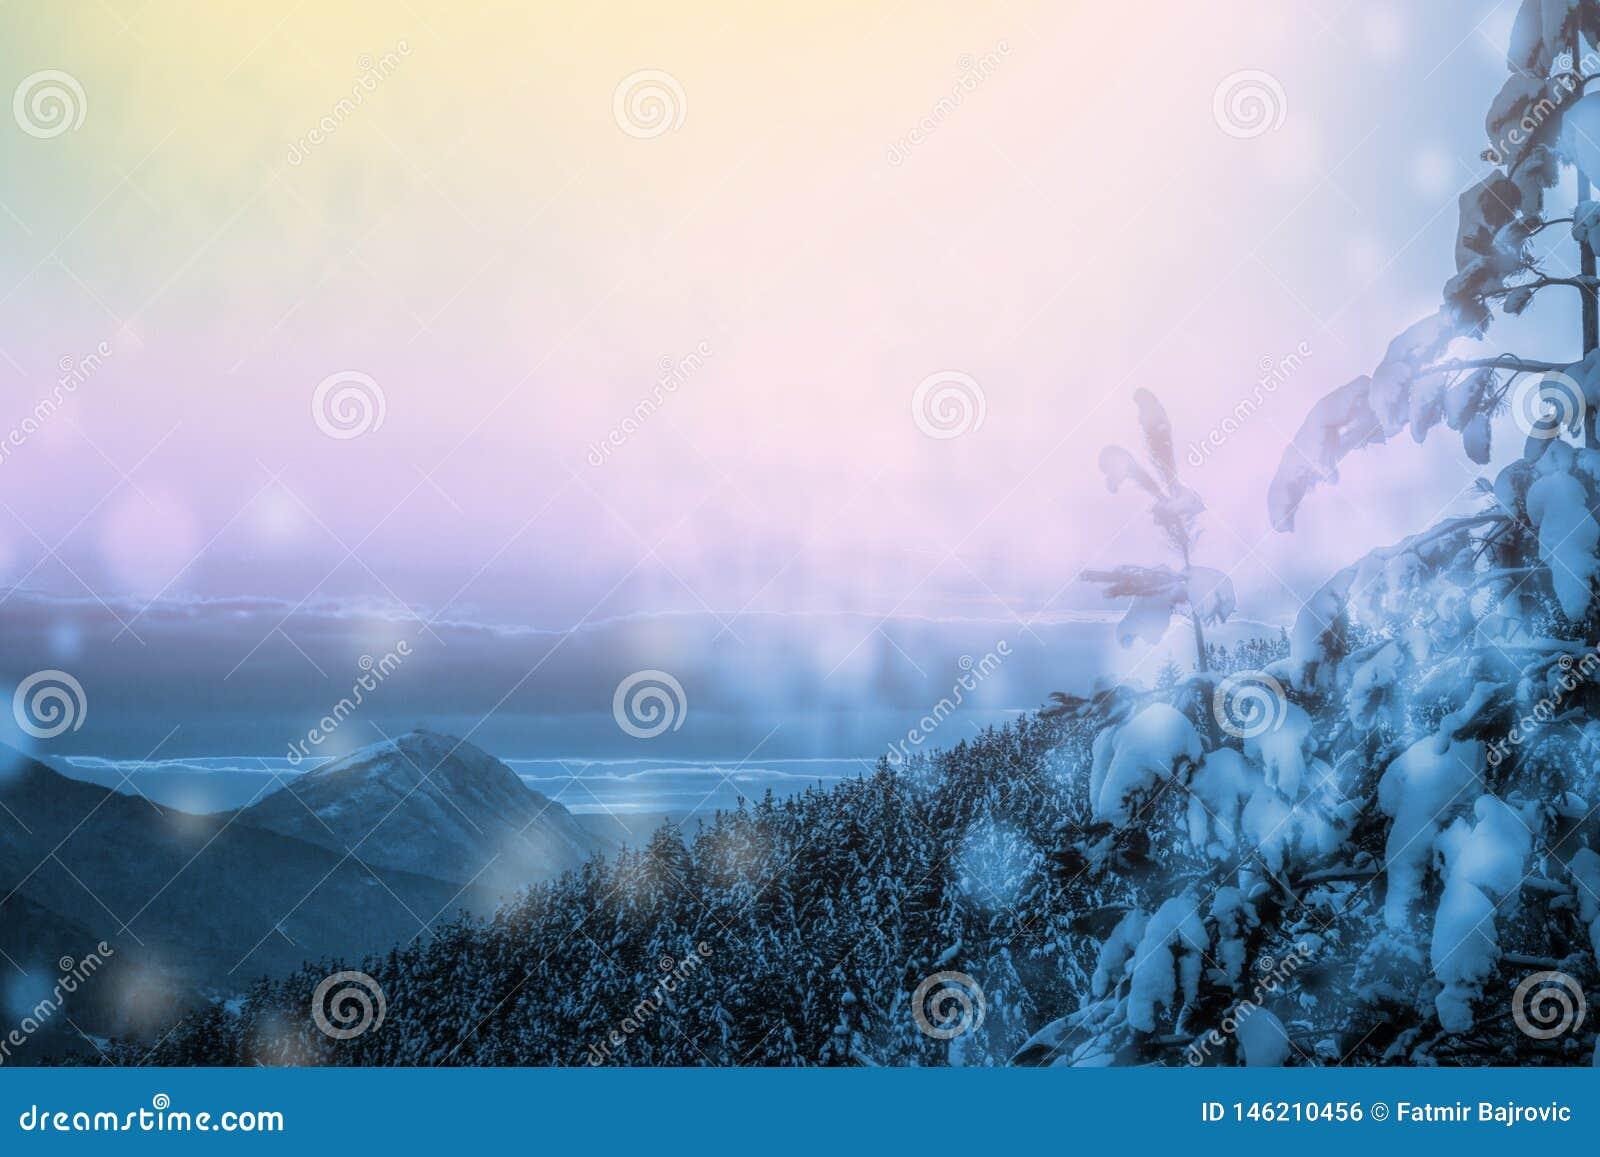 Beau paysage d hiver avec la for?t, les arbres et le lever de soleil winterly matin d un nouveau jour paysage pourpre d hiver ave